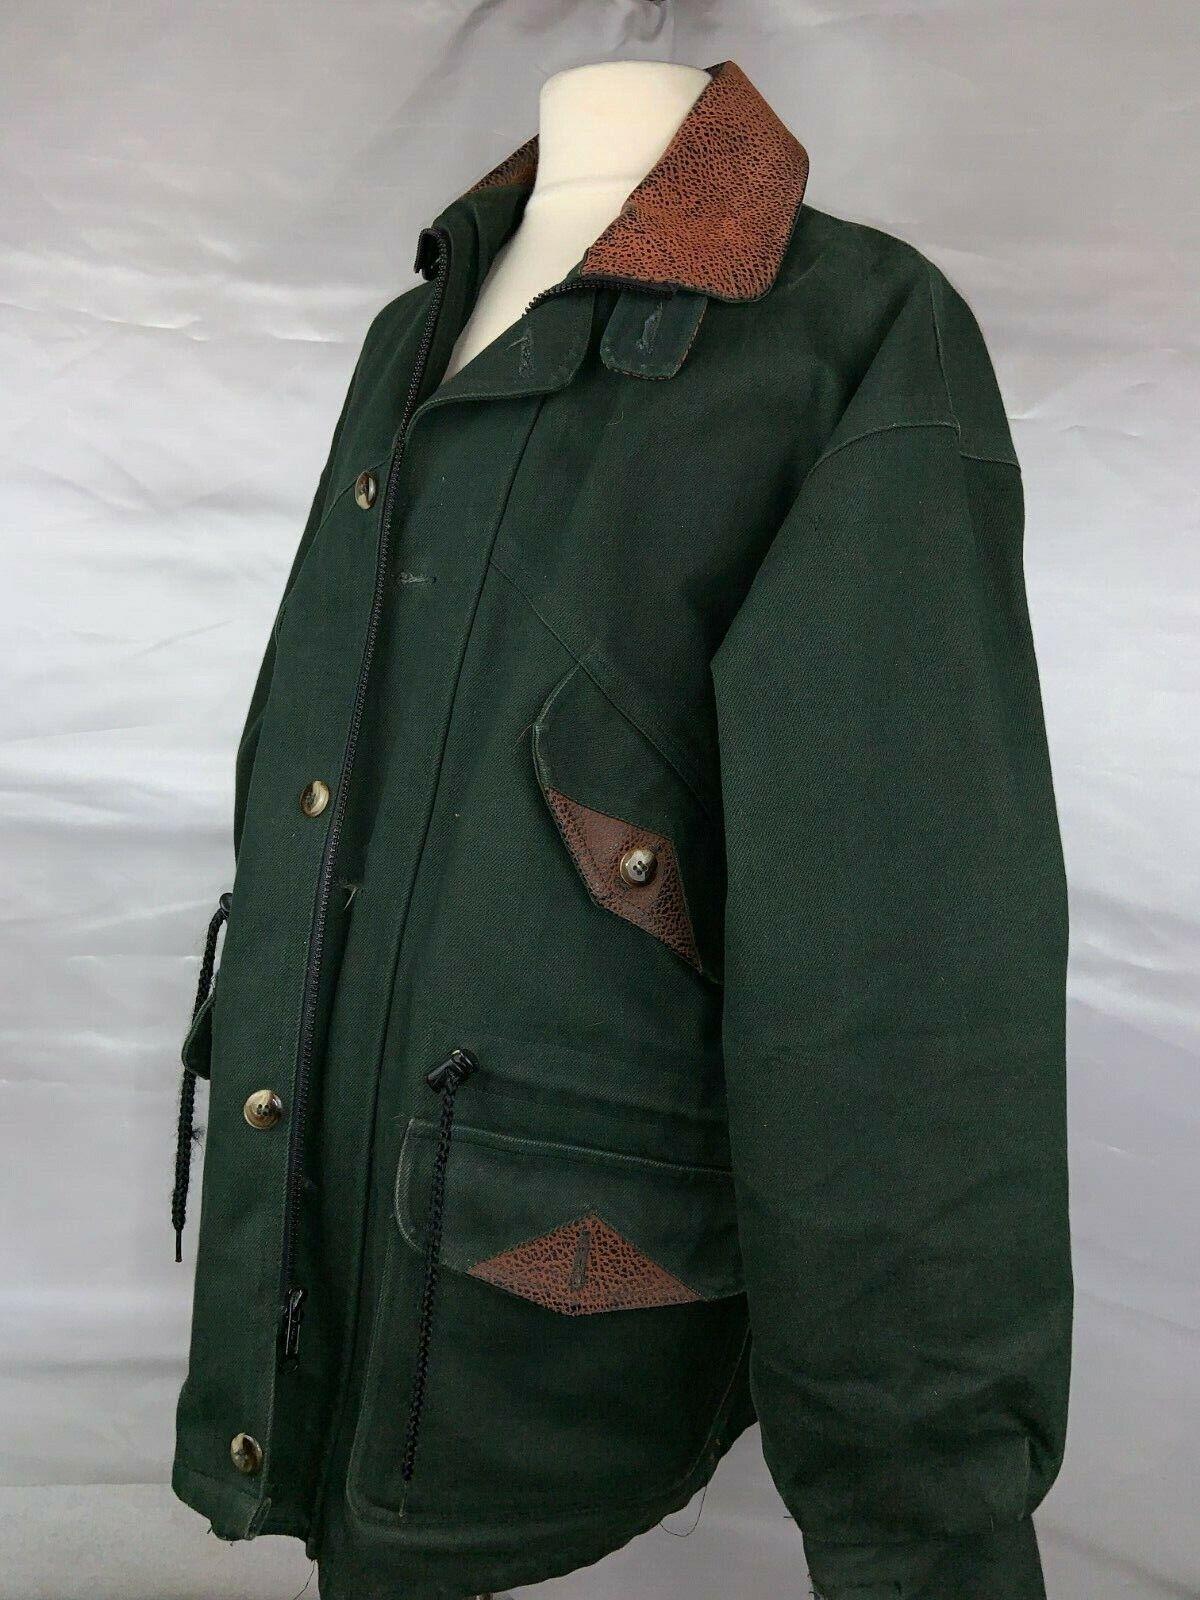 1990's BARN COAT COAT COAT Men's Grün with Leather Collar and Trim (Siehe Anmerkungen zur Größe) 9af